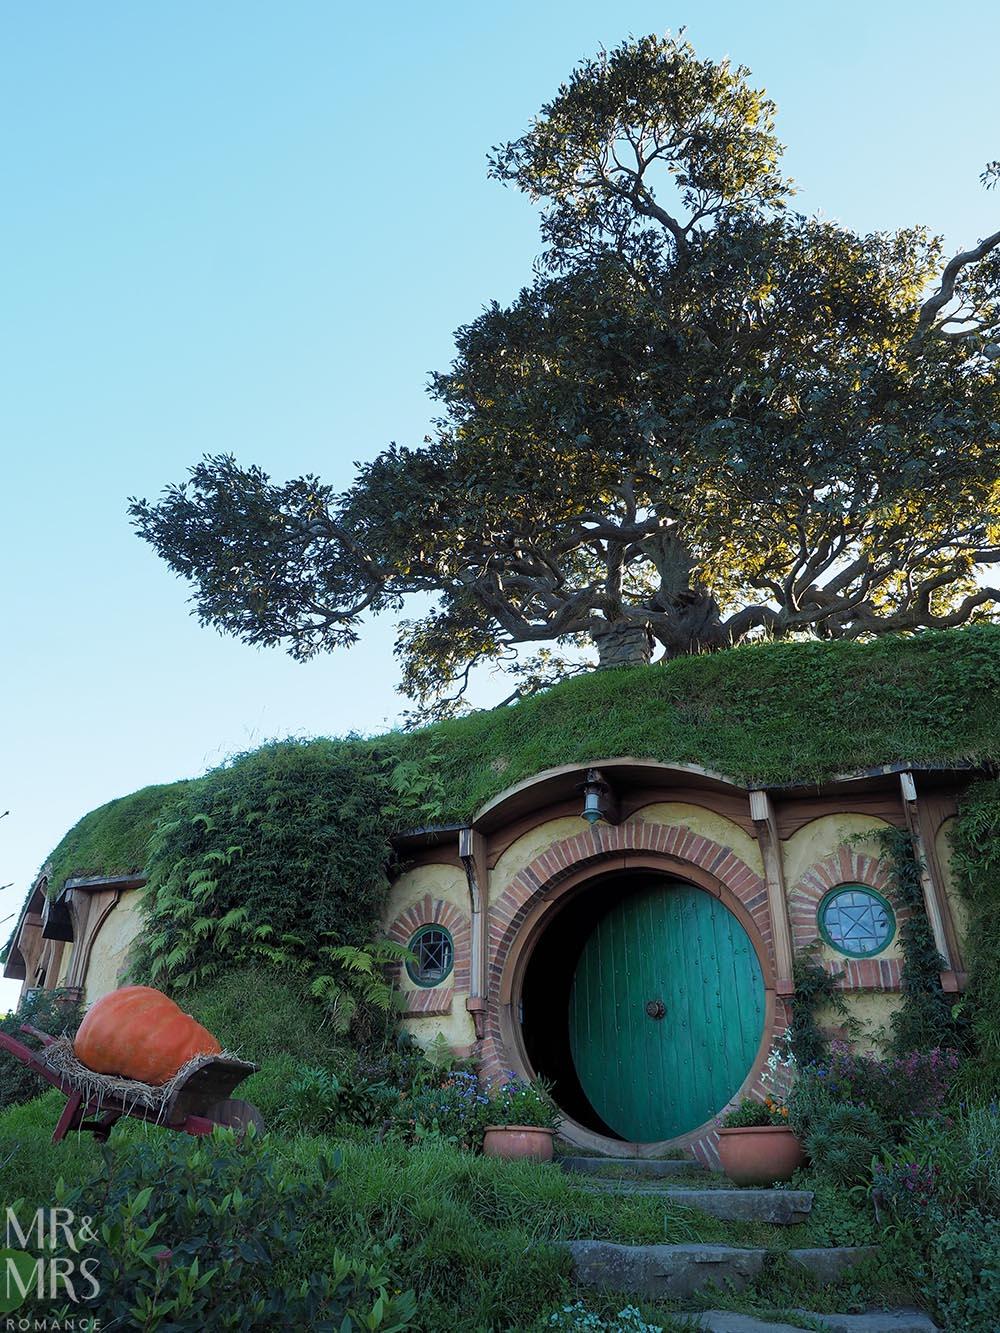 Hobbiton Movie Set, Waikato, New Zealand - Bag End and the tree